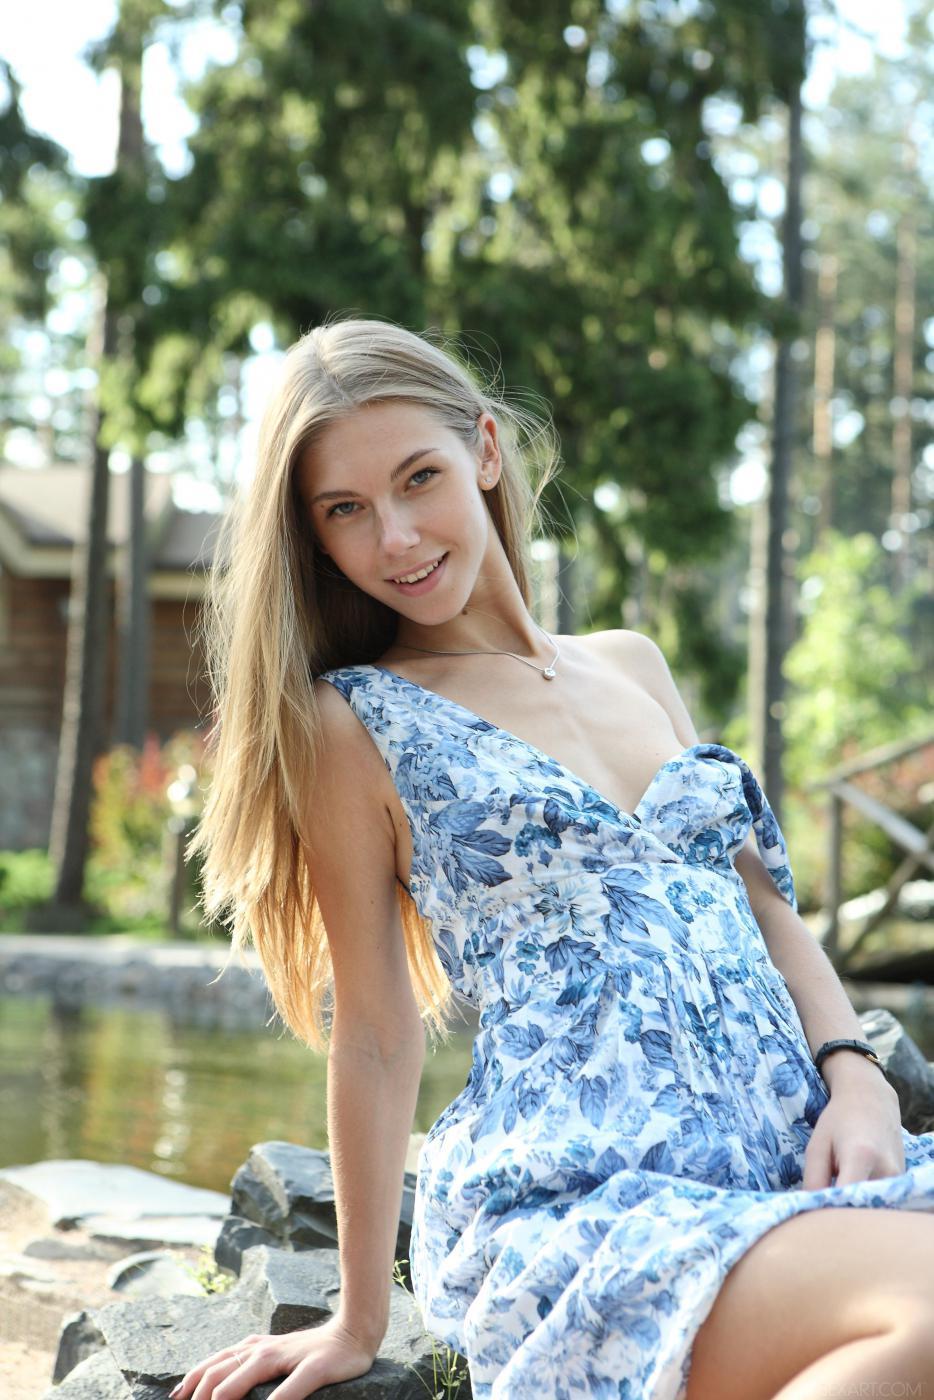 Сочная и бледная девочка-подросток Krystal Boyd прогуливается в лесу и жарит себя пальчиками